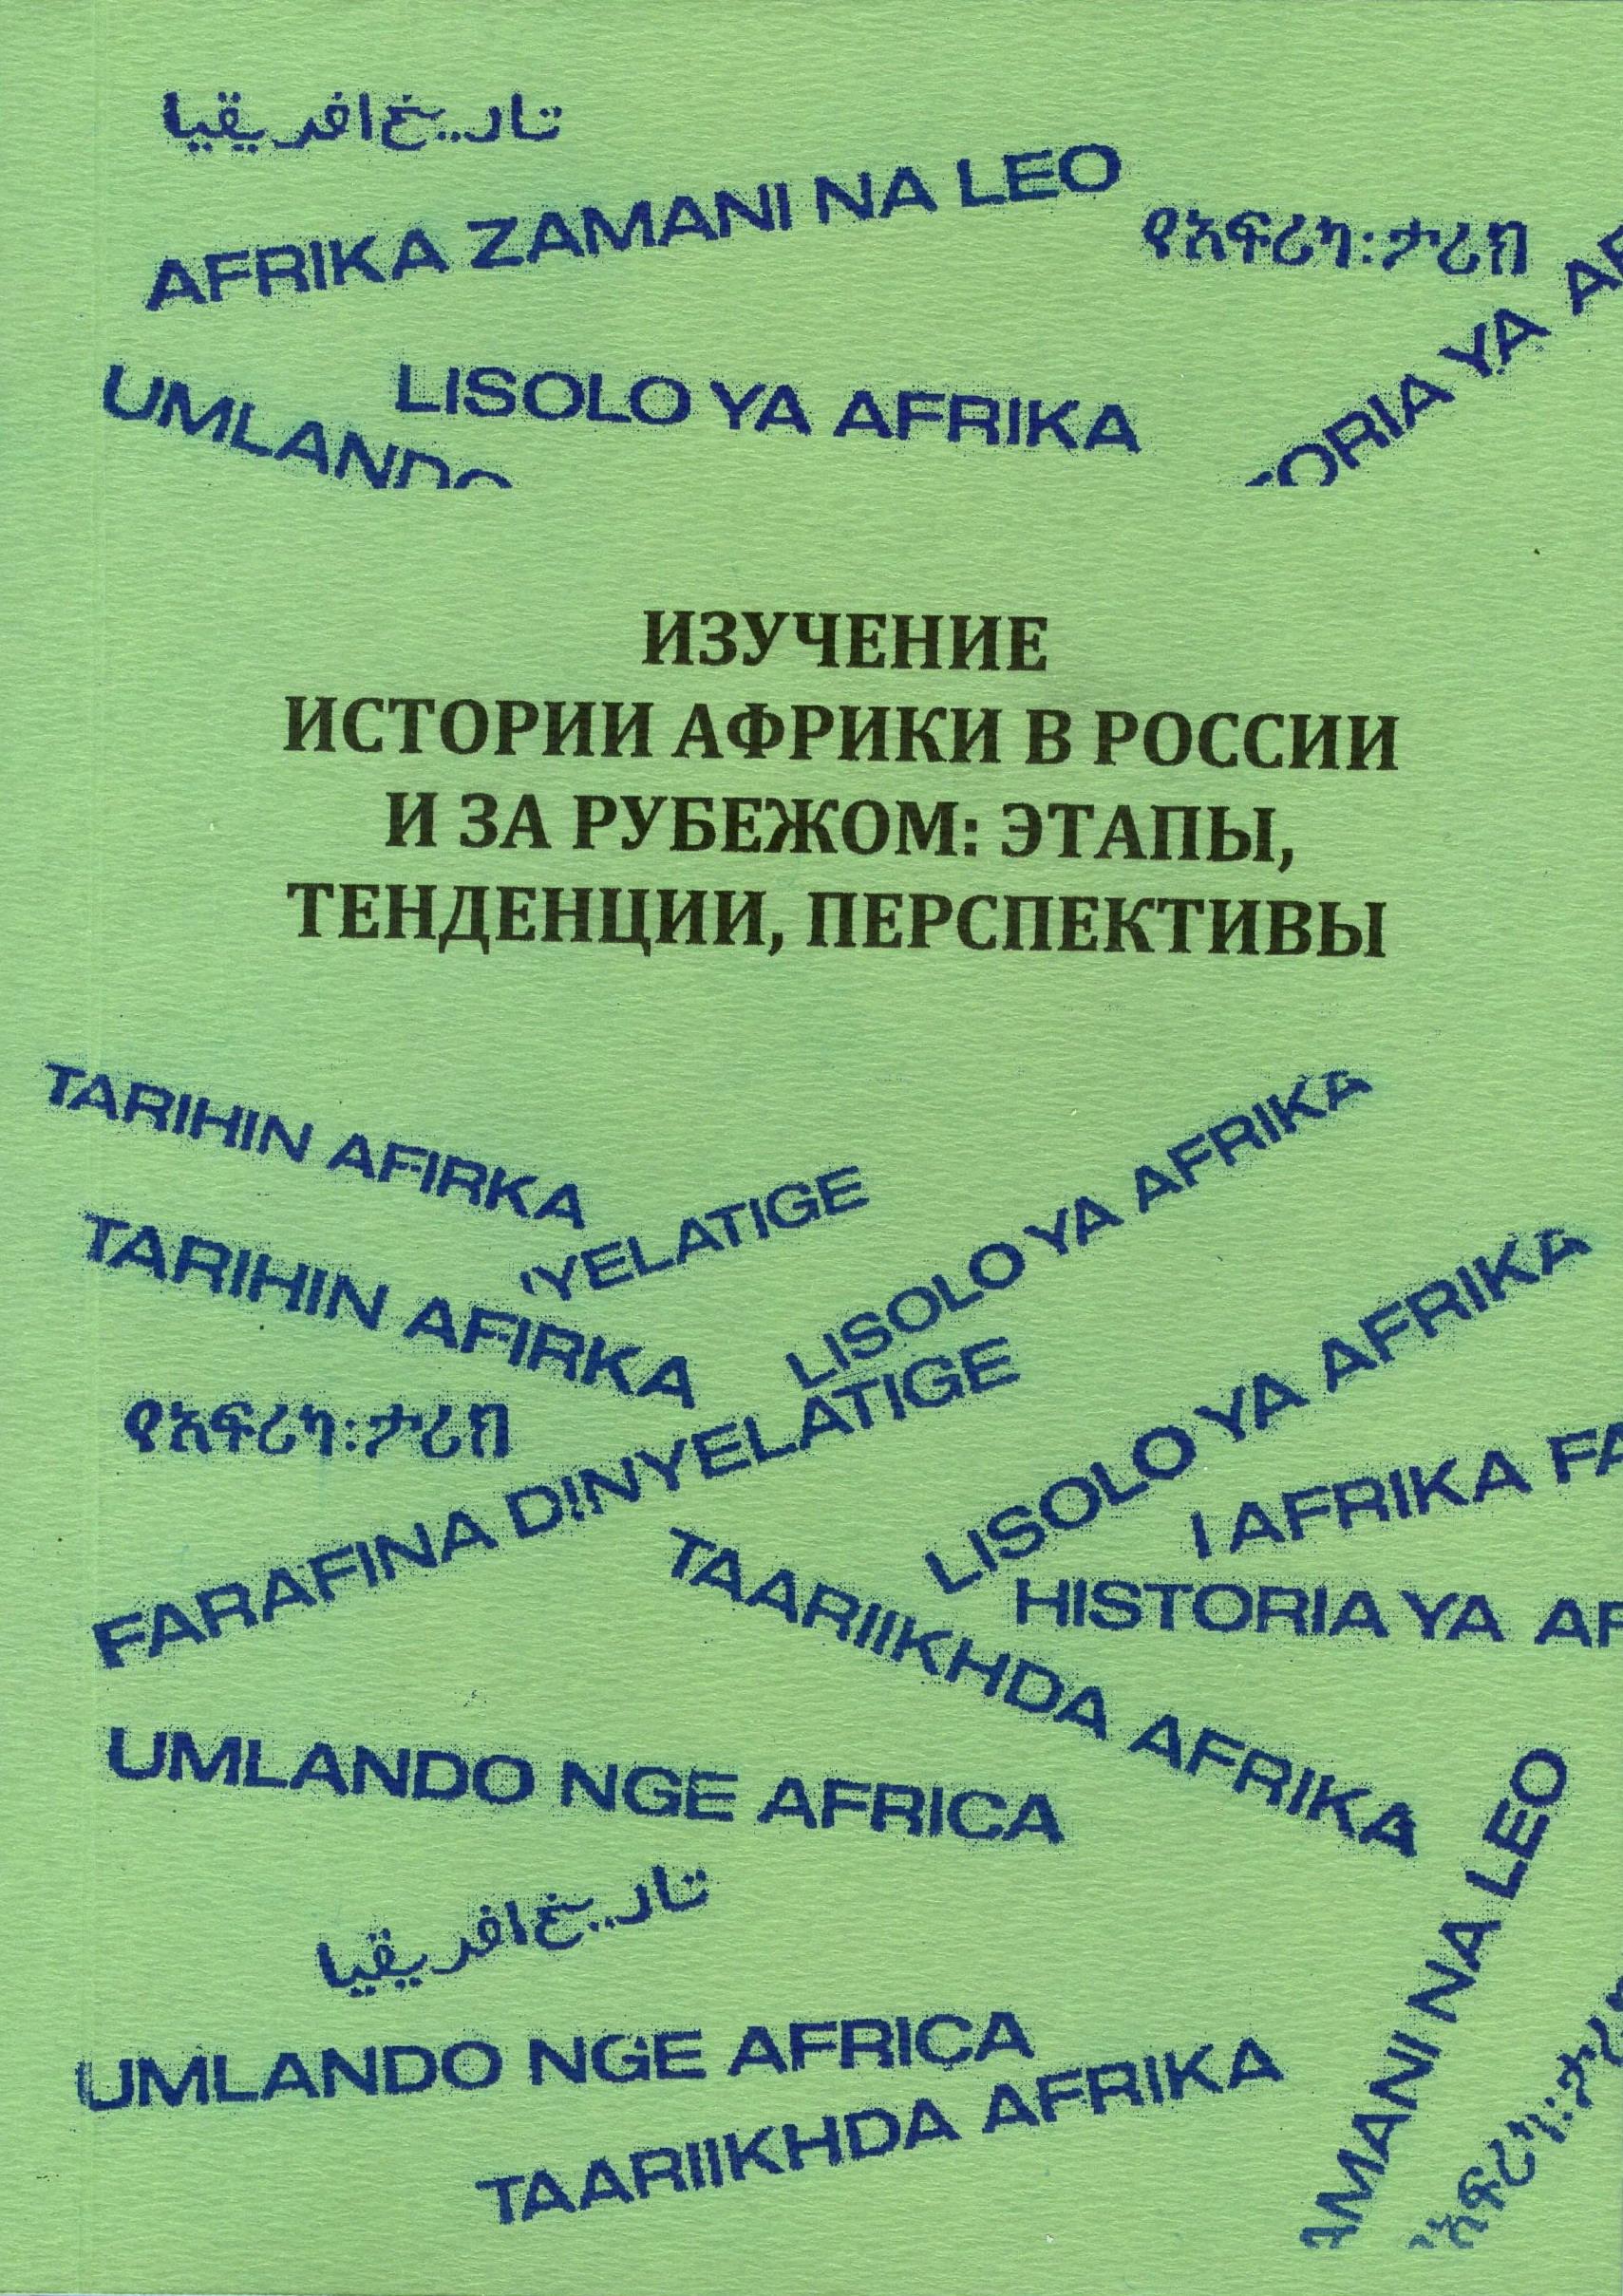 Изучение истории Африки в России и за рубежом: этапы, тенденции, перспективы. Материалы международной научной конференции (Москва, 23-24 ноября 2011 года)